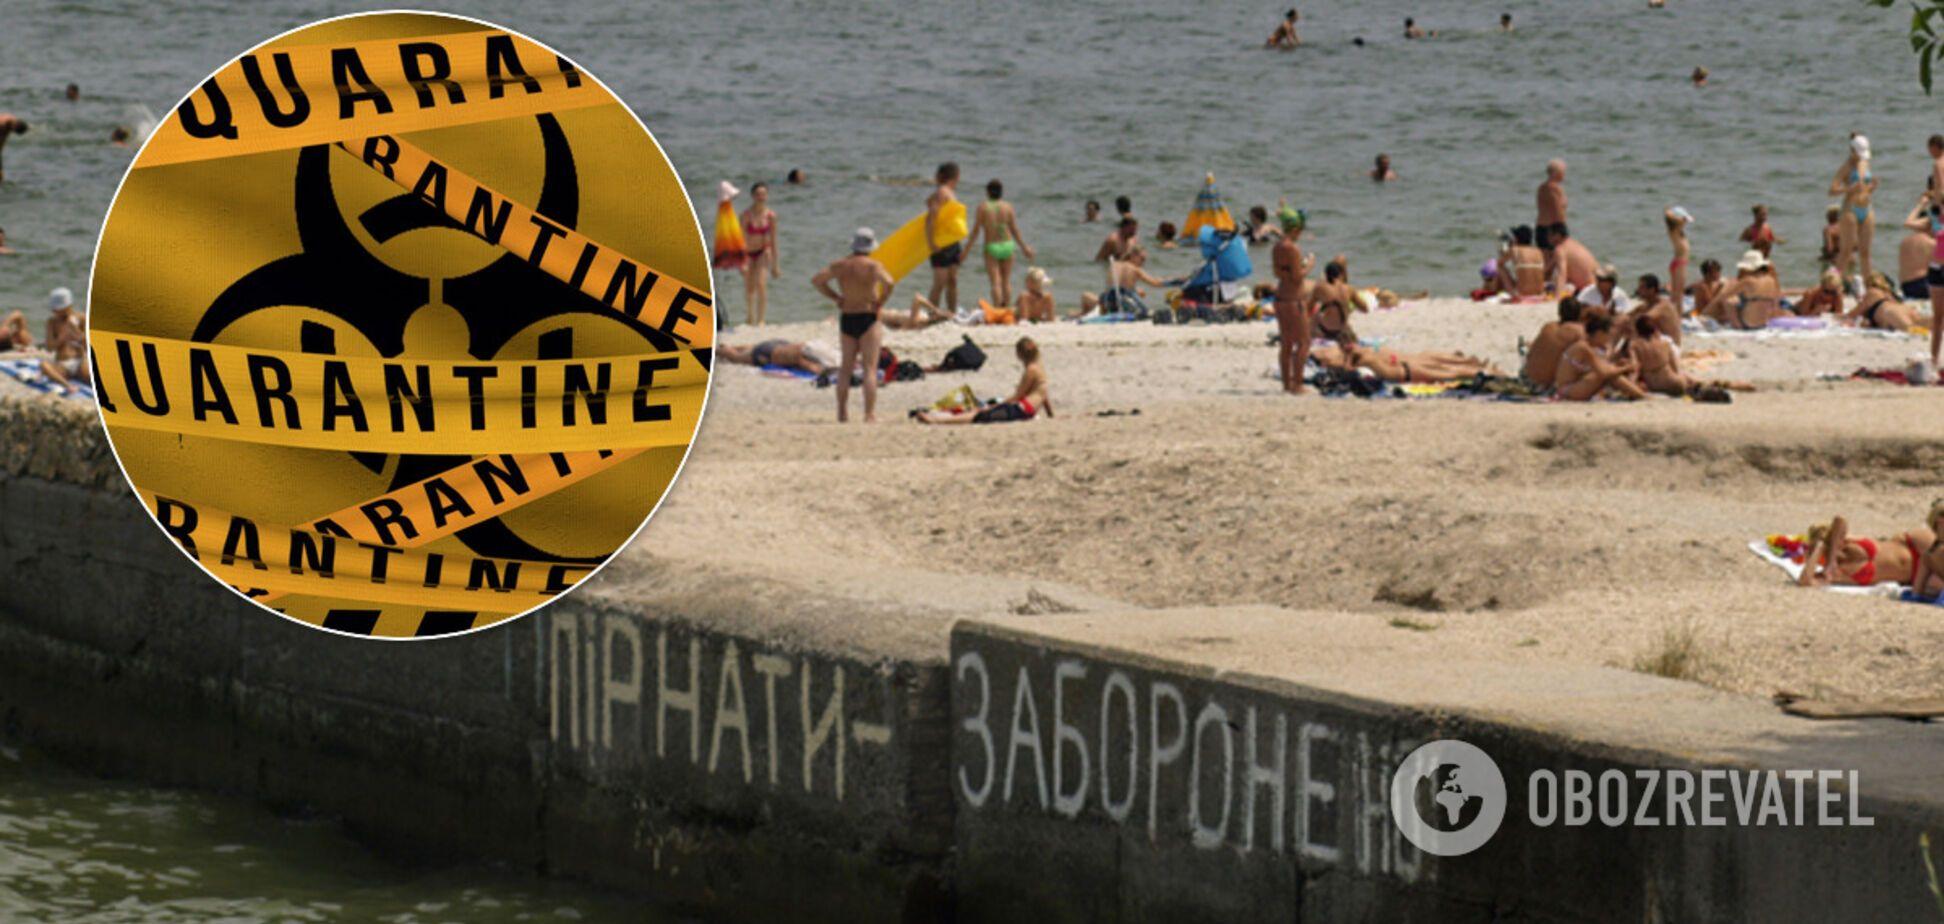 Курортний сезон в Одесі під загрозою зриву: COVID-19 набирає обертів, місто можуть 'закрити'